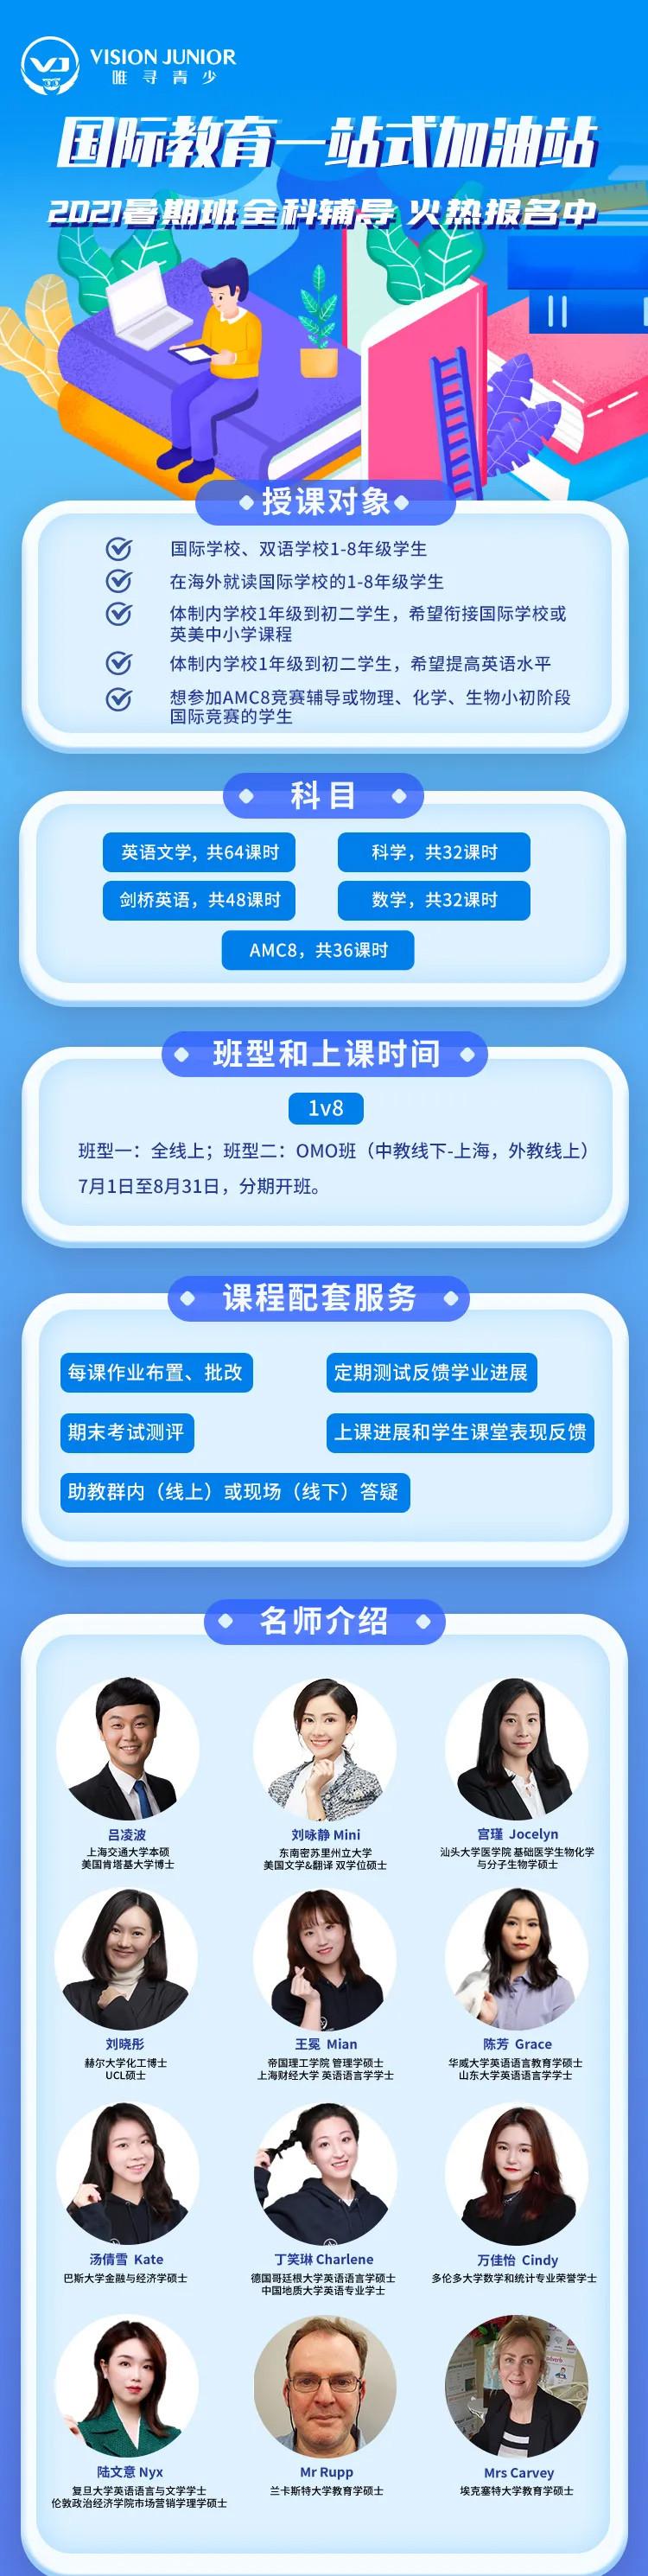 上海国际学校难进吗?原来这些孩子都是走了这些双保险内容图片_3